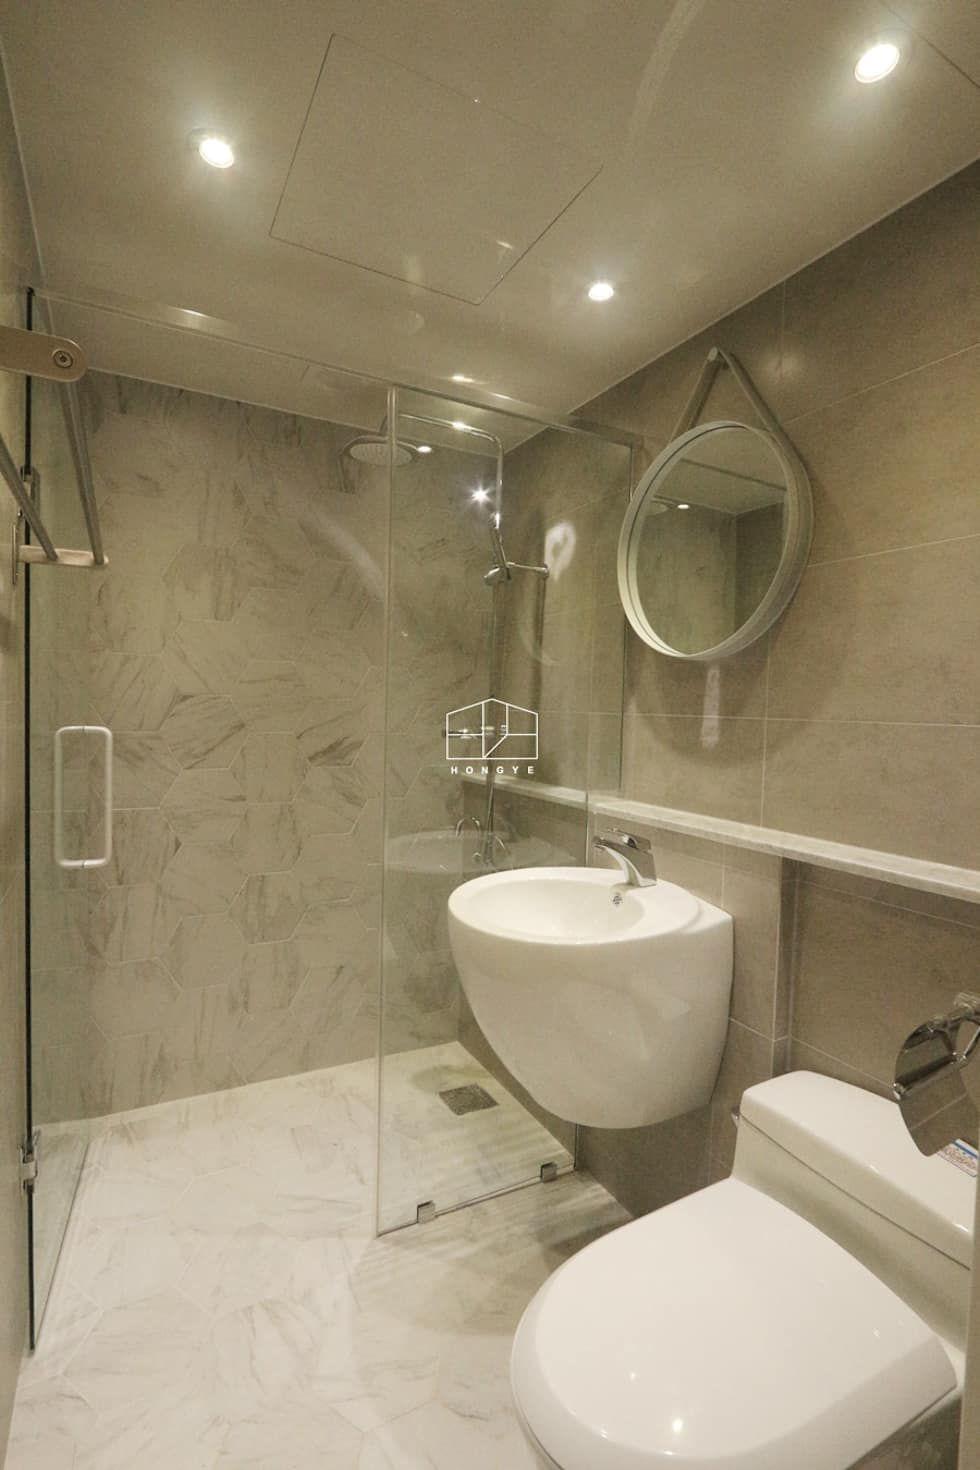 인테리어 디자인 아이디어, 내부 개조 & 리모델링 사진  욕실